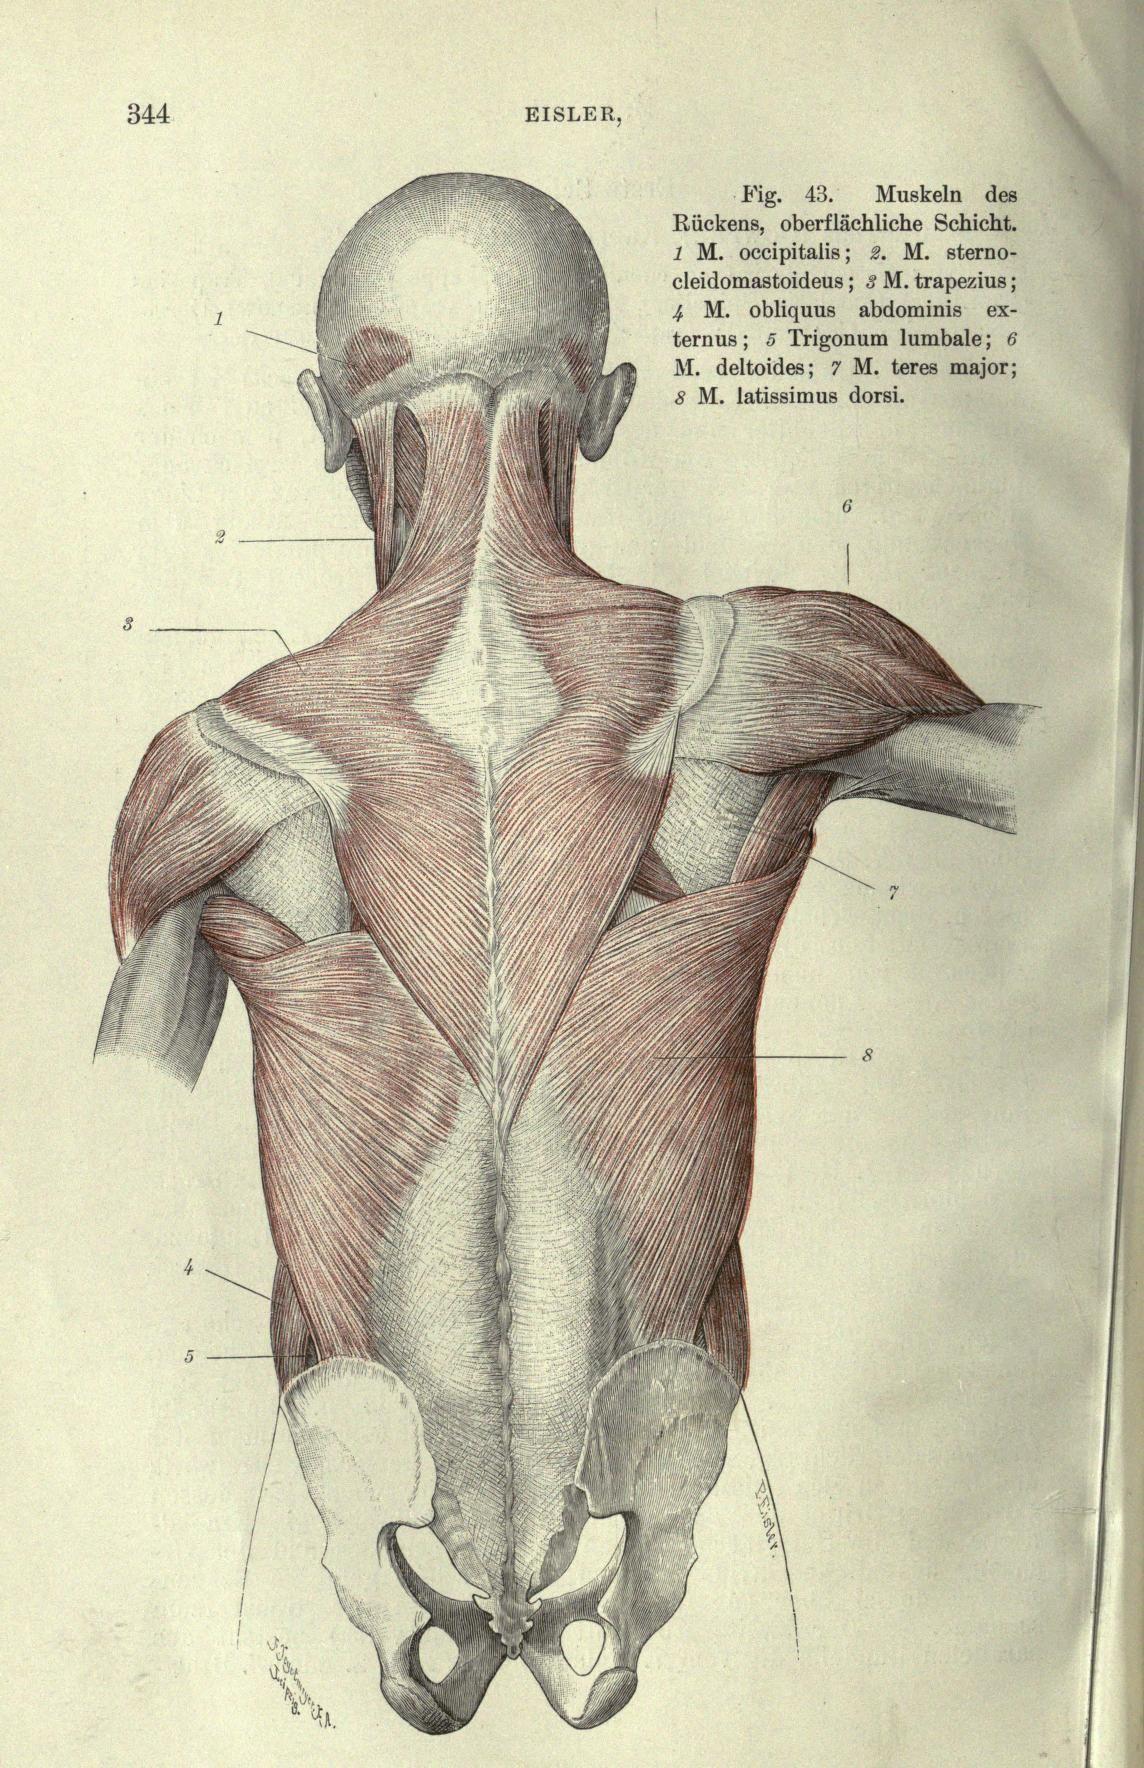 Handbuch der Anatomie des Menschen | Human Anatomy Reference ...